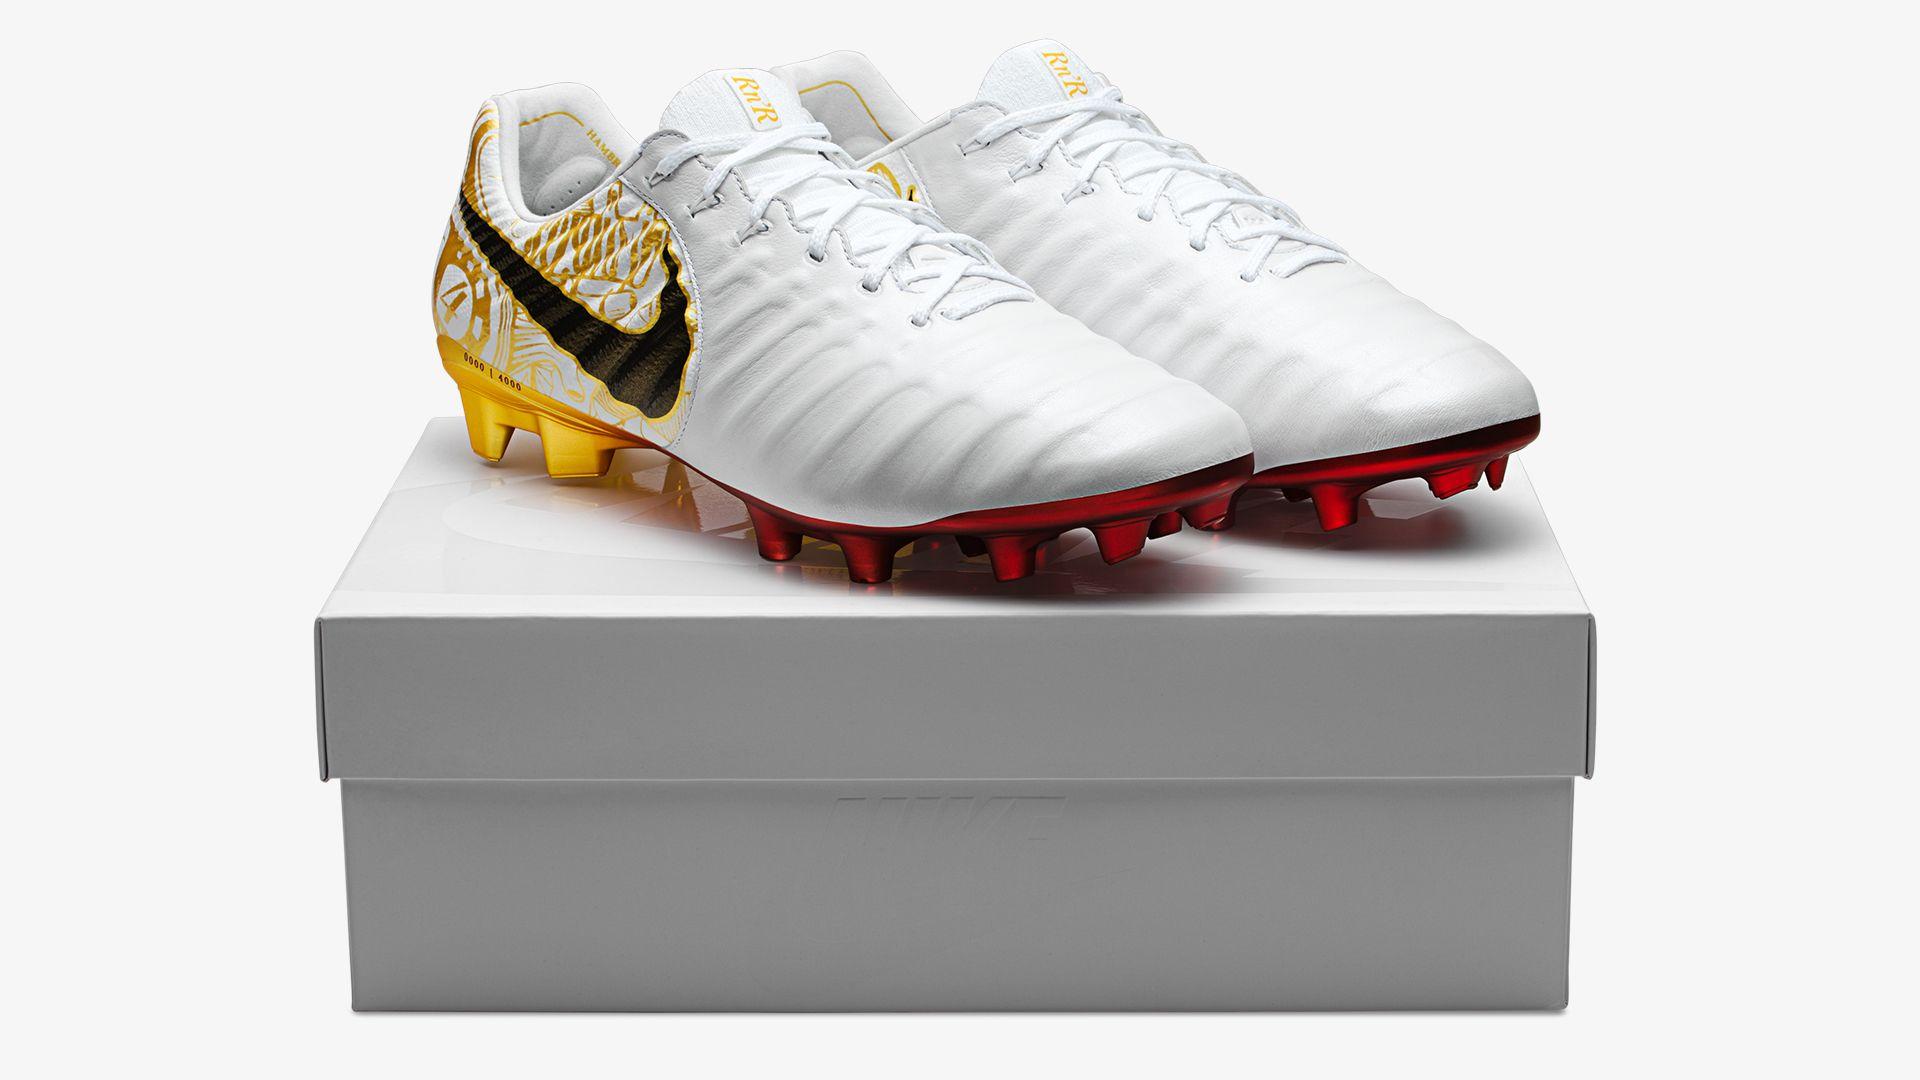 """new product 1c948 f3454 Sergio Ramos TIempo """"Corazon y Sangre"""". Nike.com"""